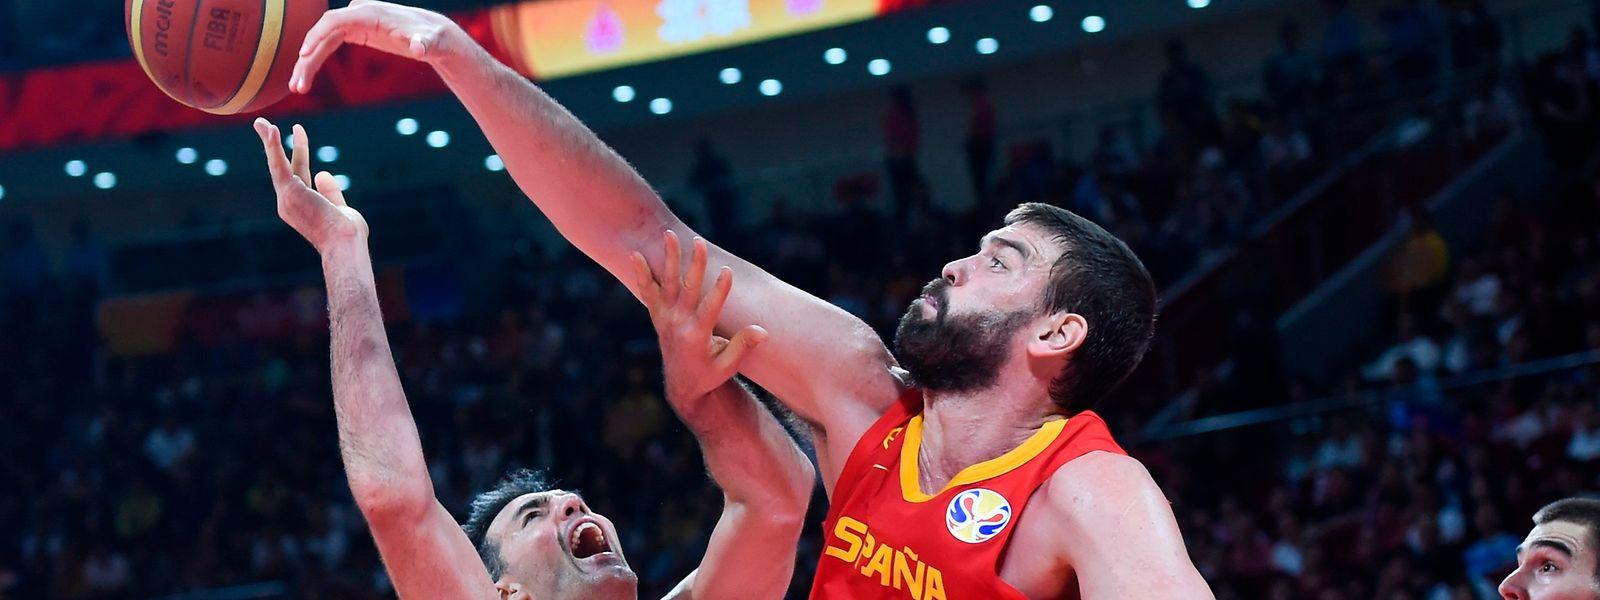 Luis Scola (l.) und der Spanier Marc Gasol kämpfen um den Ball.